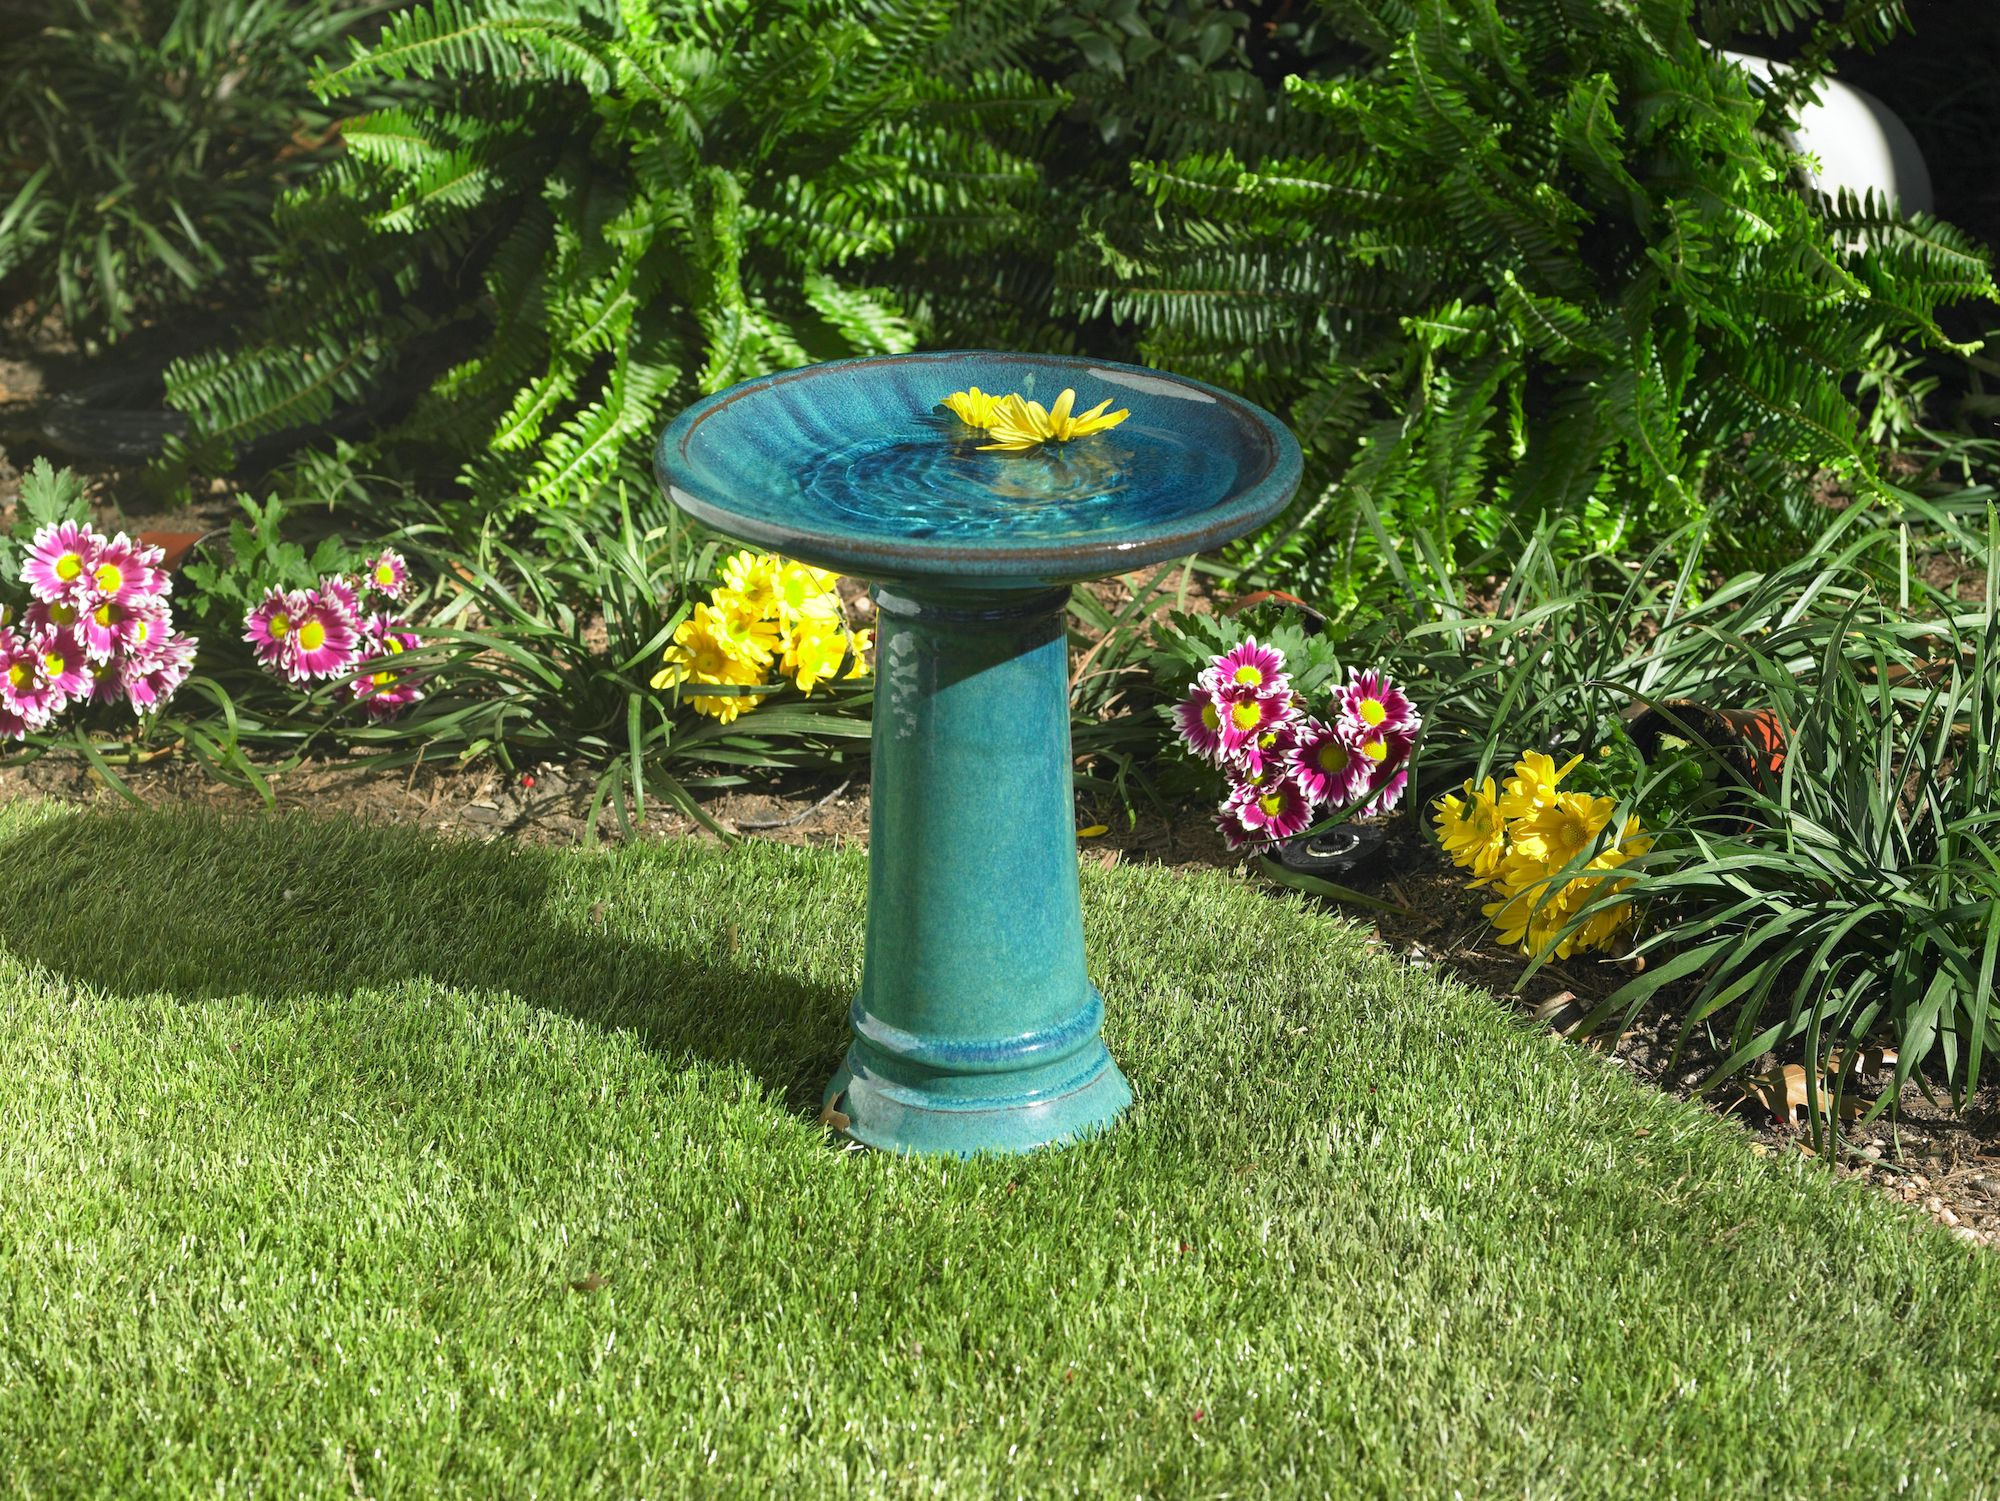 Birds get thirsty too! Add a bird bath to your garden ...